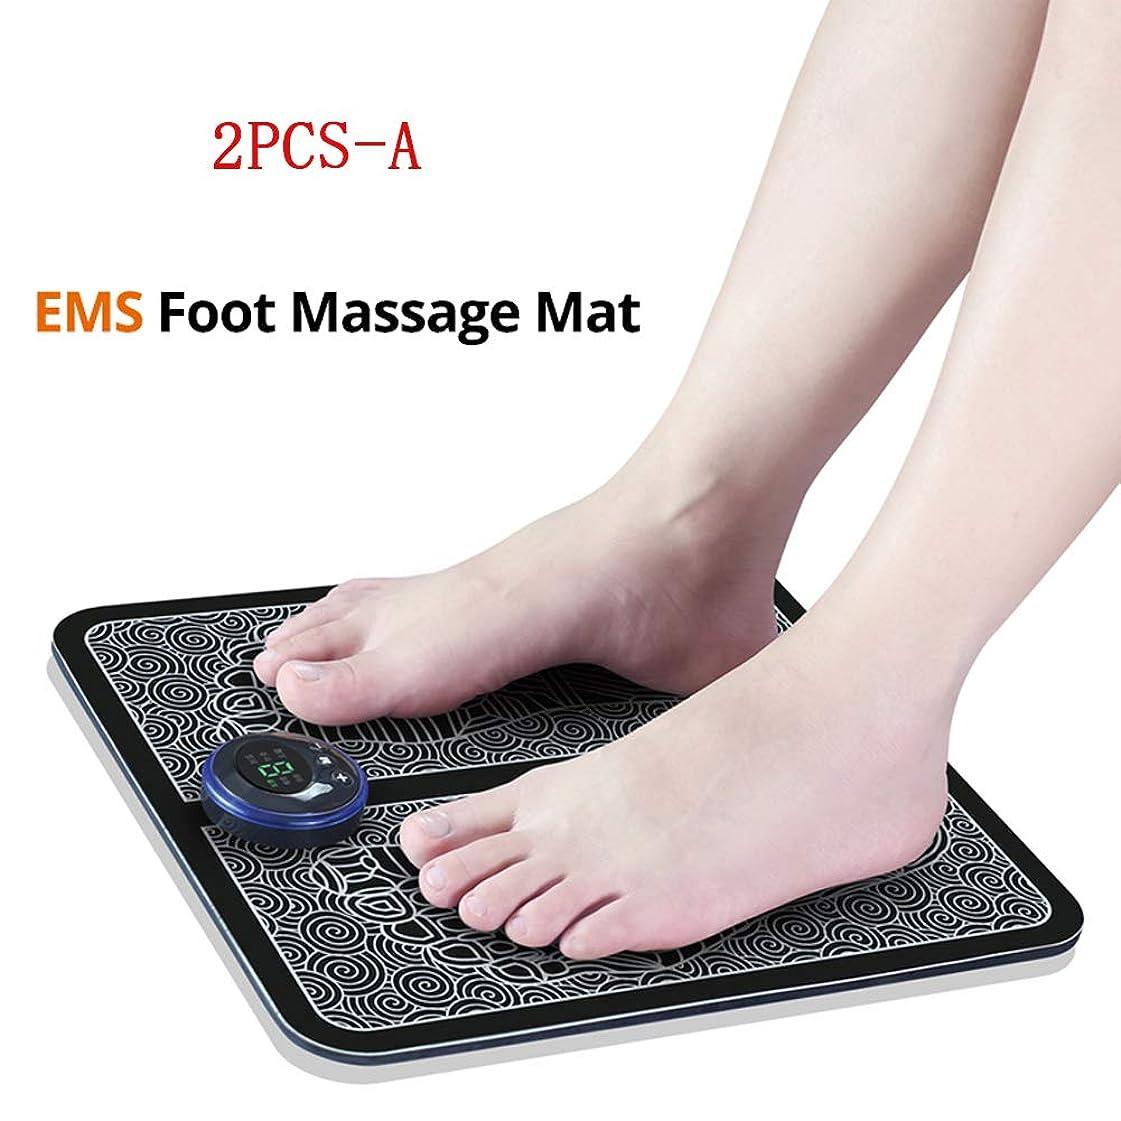 単なるコンテンポラリーインシデントEMSスマートフットマッサージパッド、フットマッサージャー、足指圧療法、血液循環の促進、筋肉痛の緩和、男性と女性用、2個,A